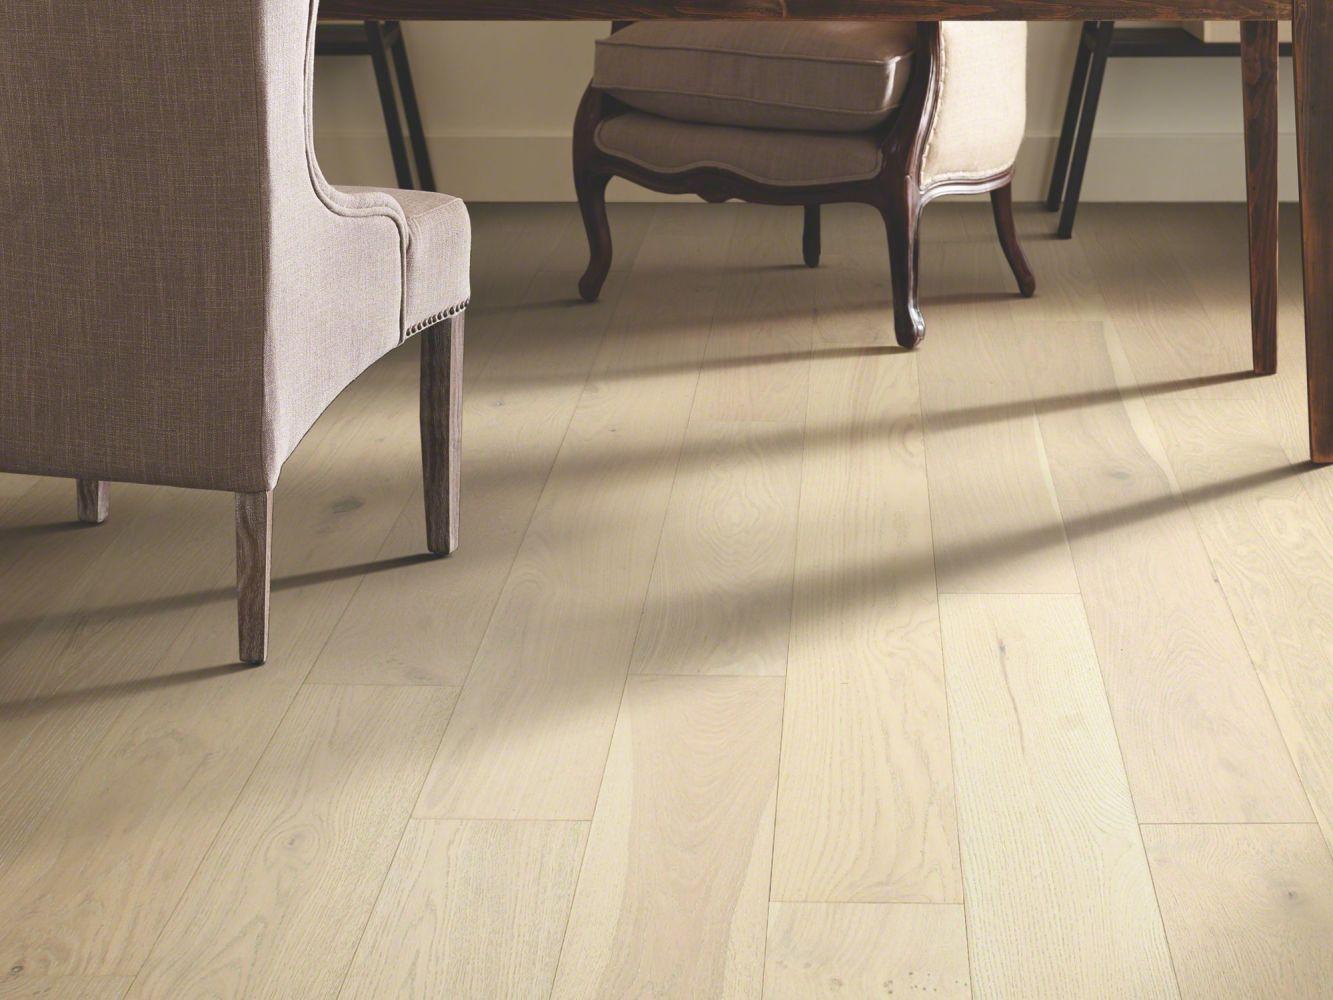 Shaw Floors Home Fn Gold Hardwood Aston Hall Countess 01011_HW637